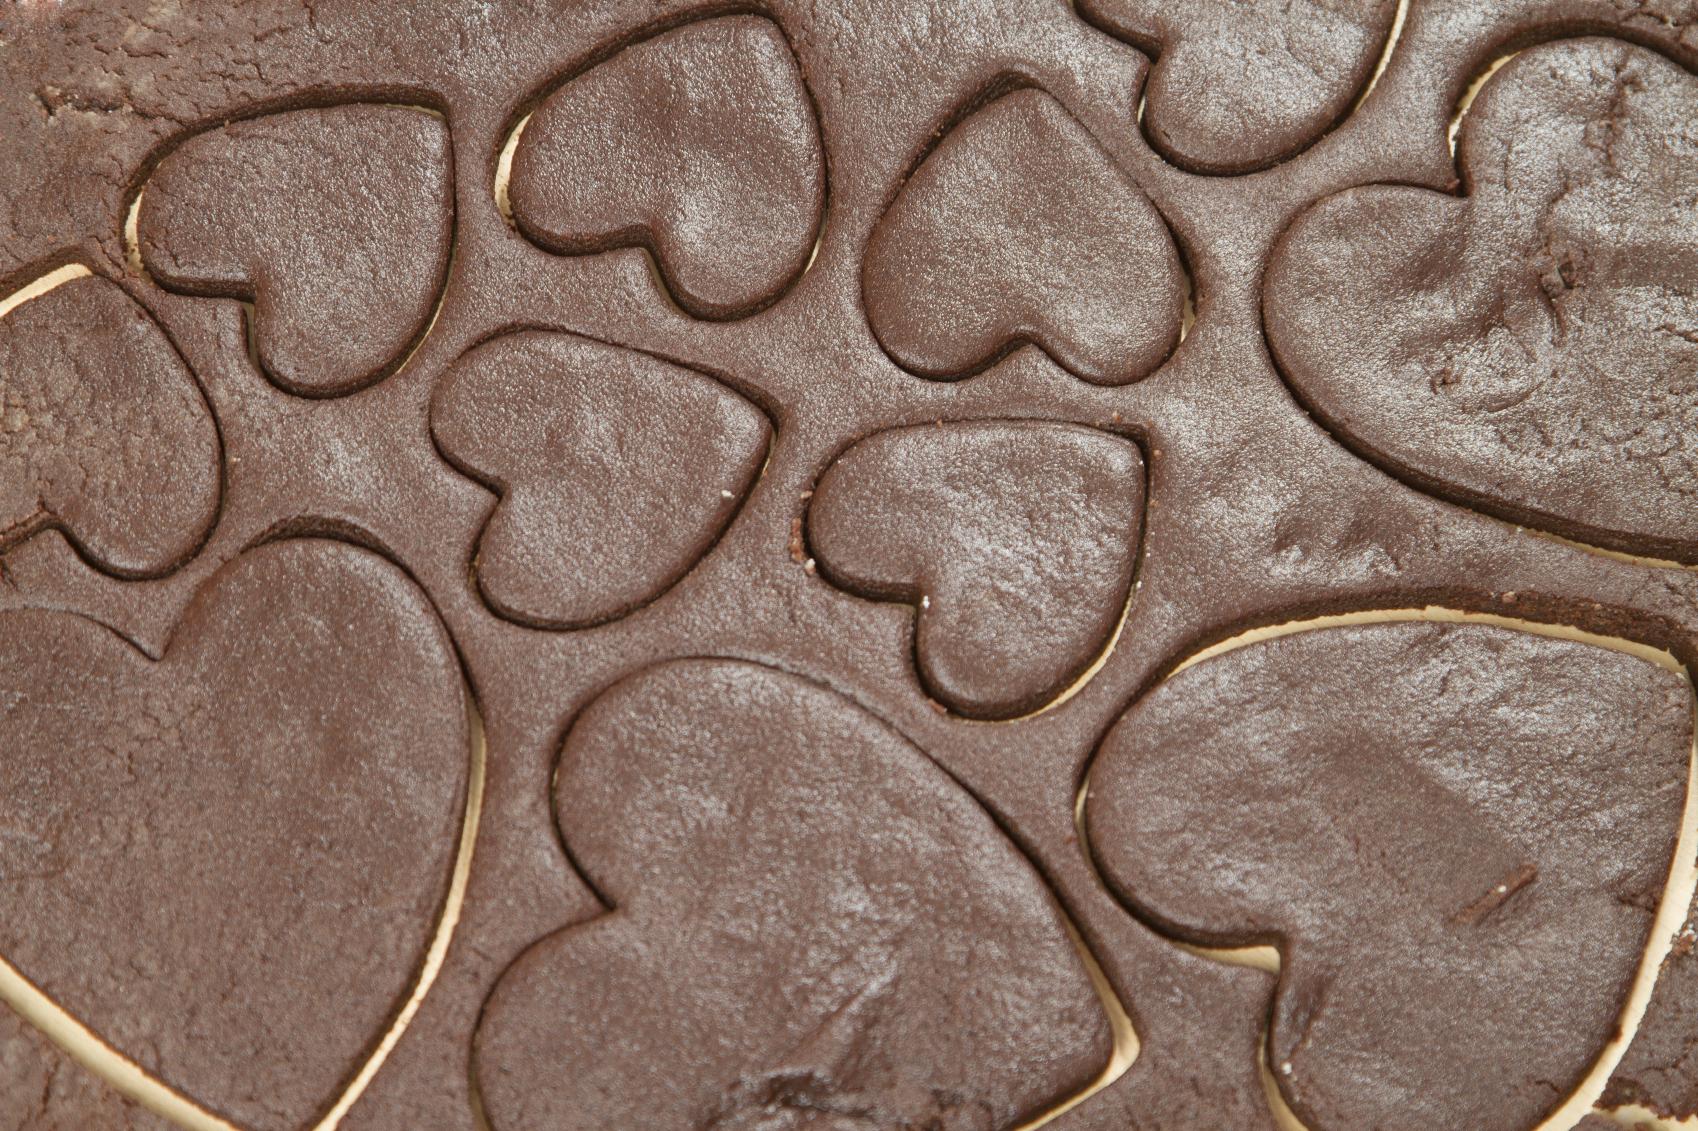 Heart shaped biscuits Riċetta: Qlub tal-gallettini f'żewġ kuluri